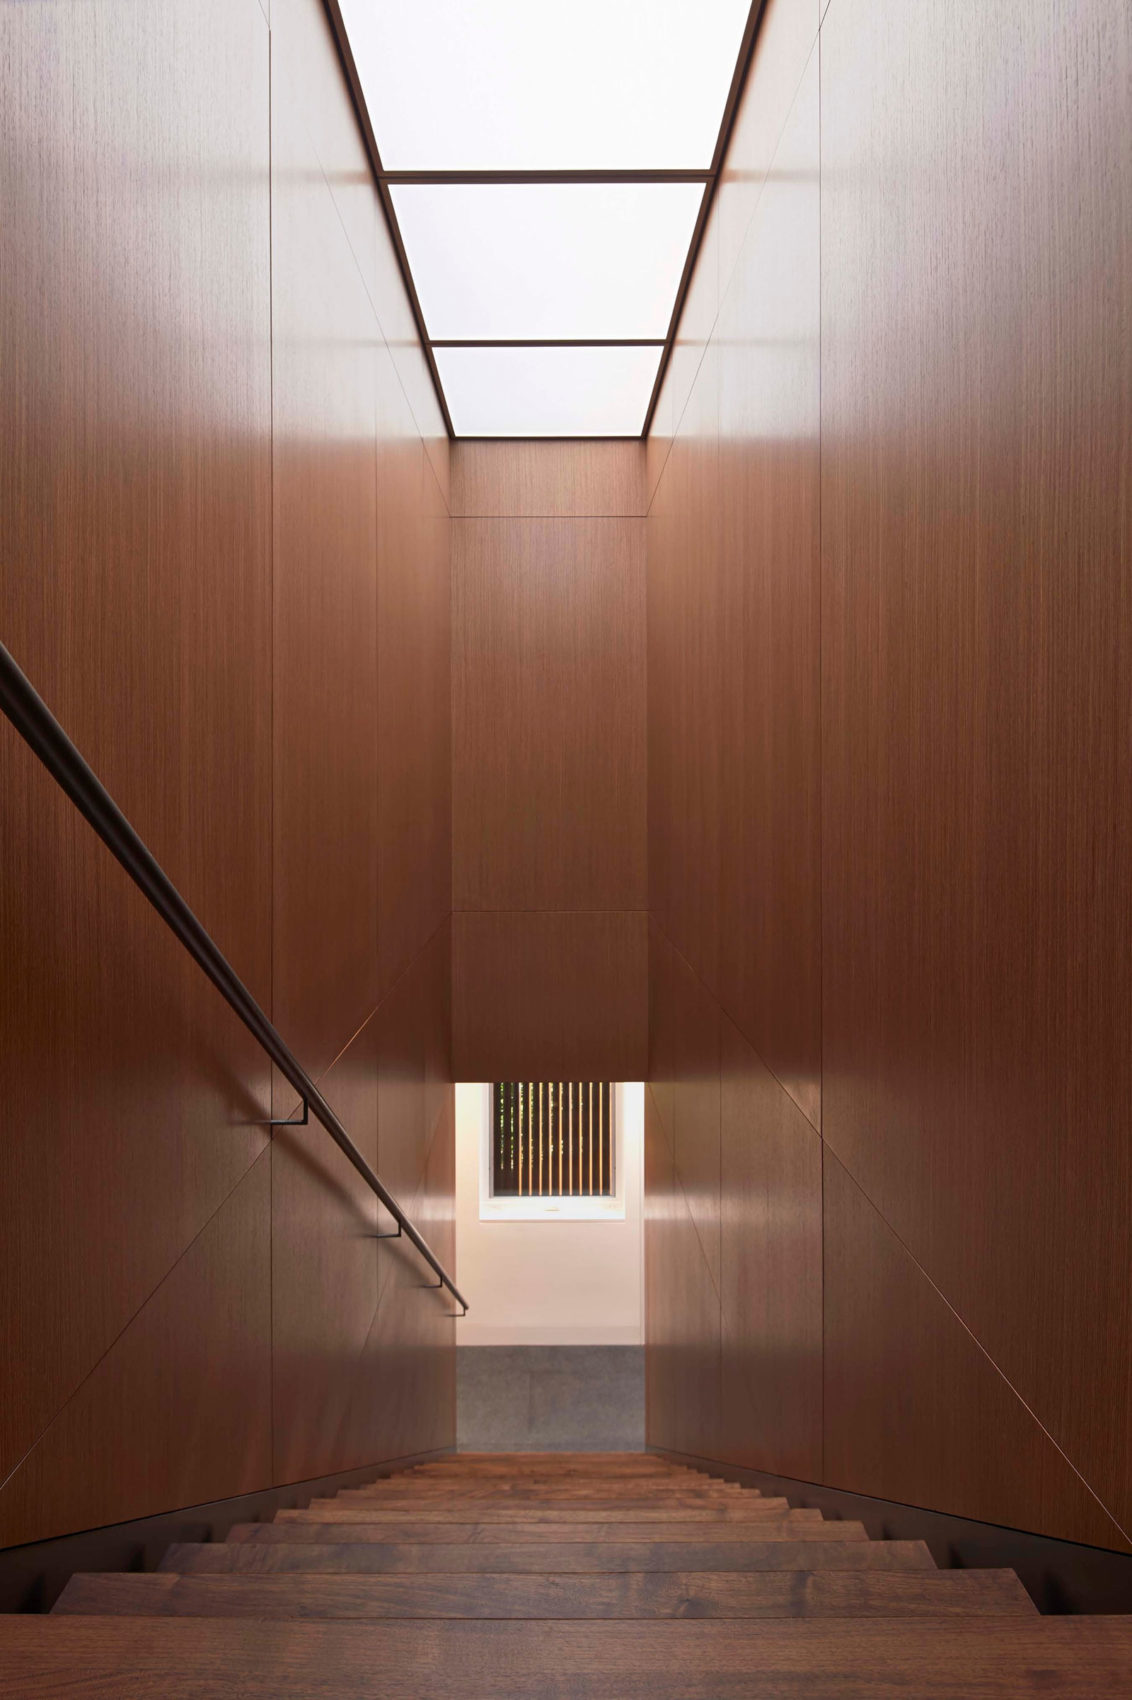 Wood House by Brininstool + Lynch (19)